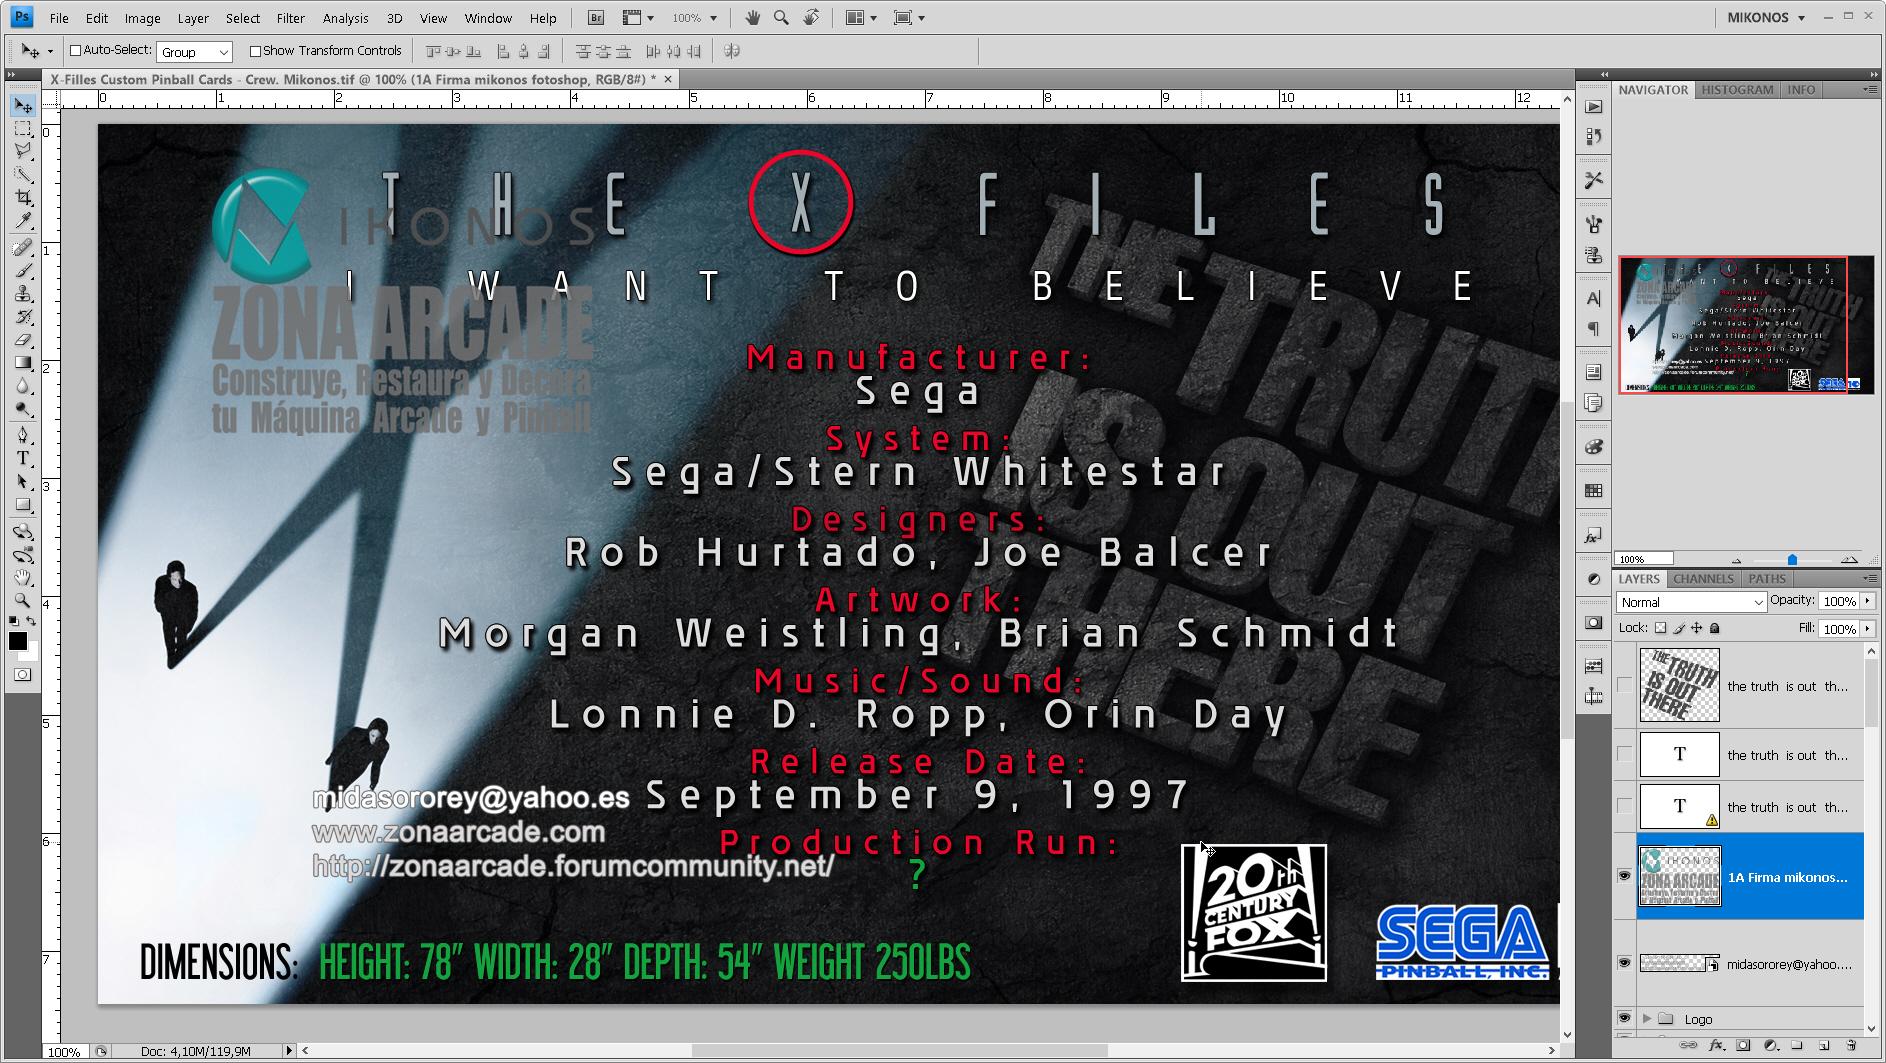 X-Files%20Custom%20Pinball%20Cards%20-%20crew.%20Mikonos6.jpg